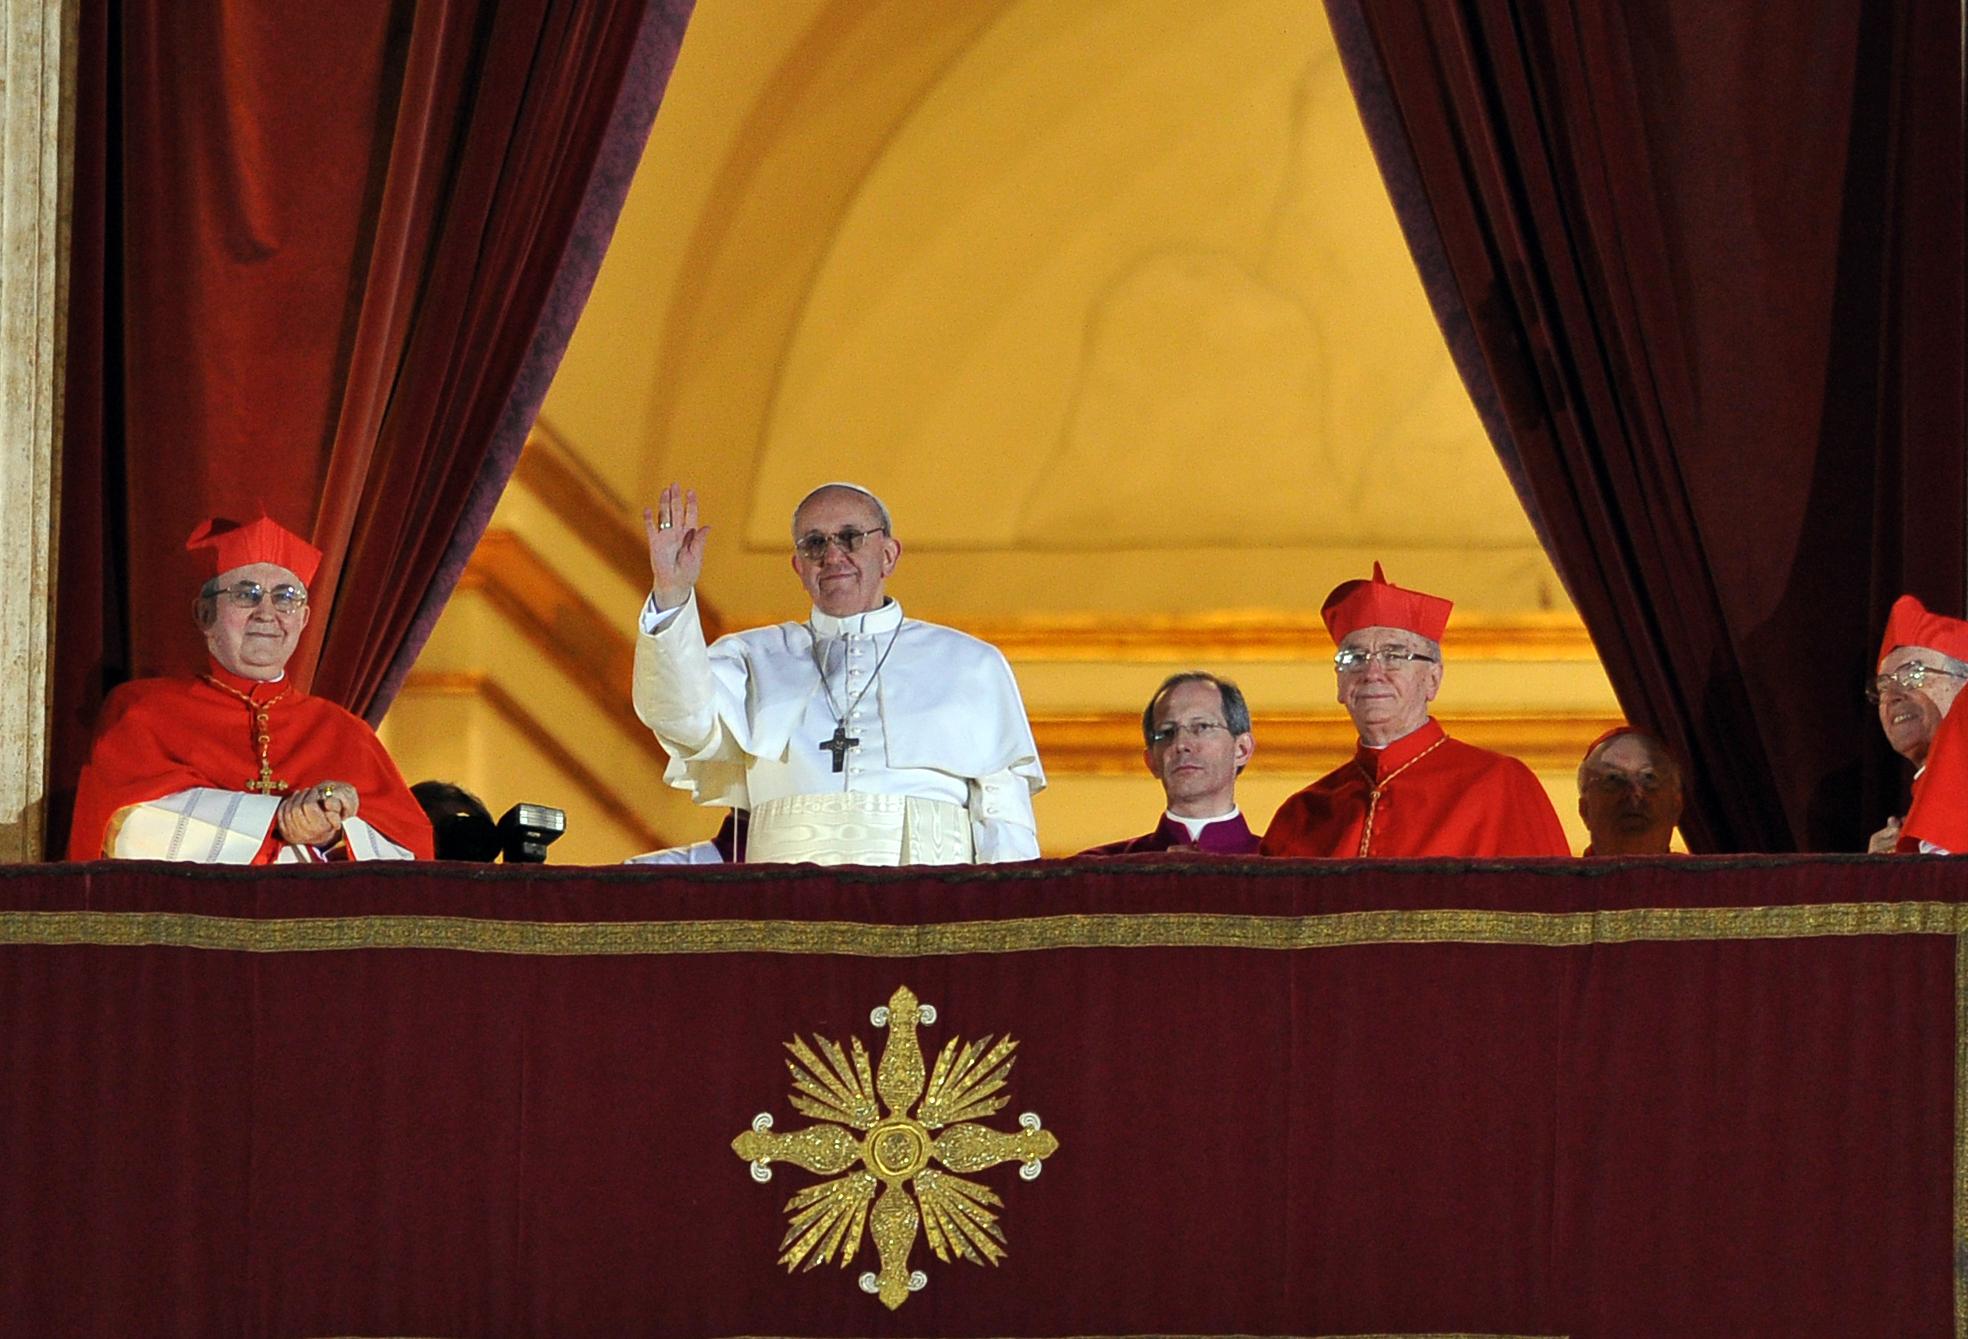 Roma 13-03-2013 Piazza San Pietro Elezione del Papa, il nuovo Papa è stato eletto ed è Bergoglio Jorge Mario, Papa Francesco Ph: Cristian Gennari/Siciliani